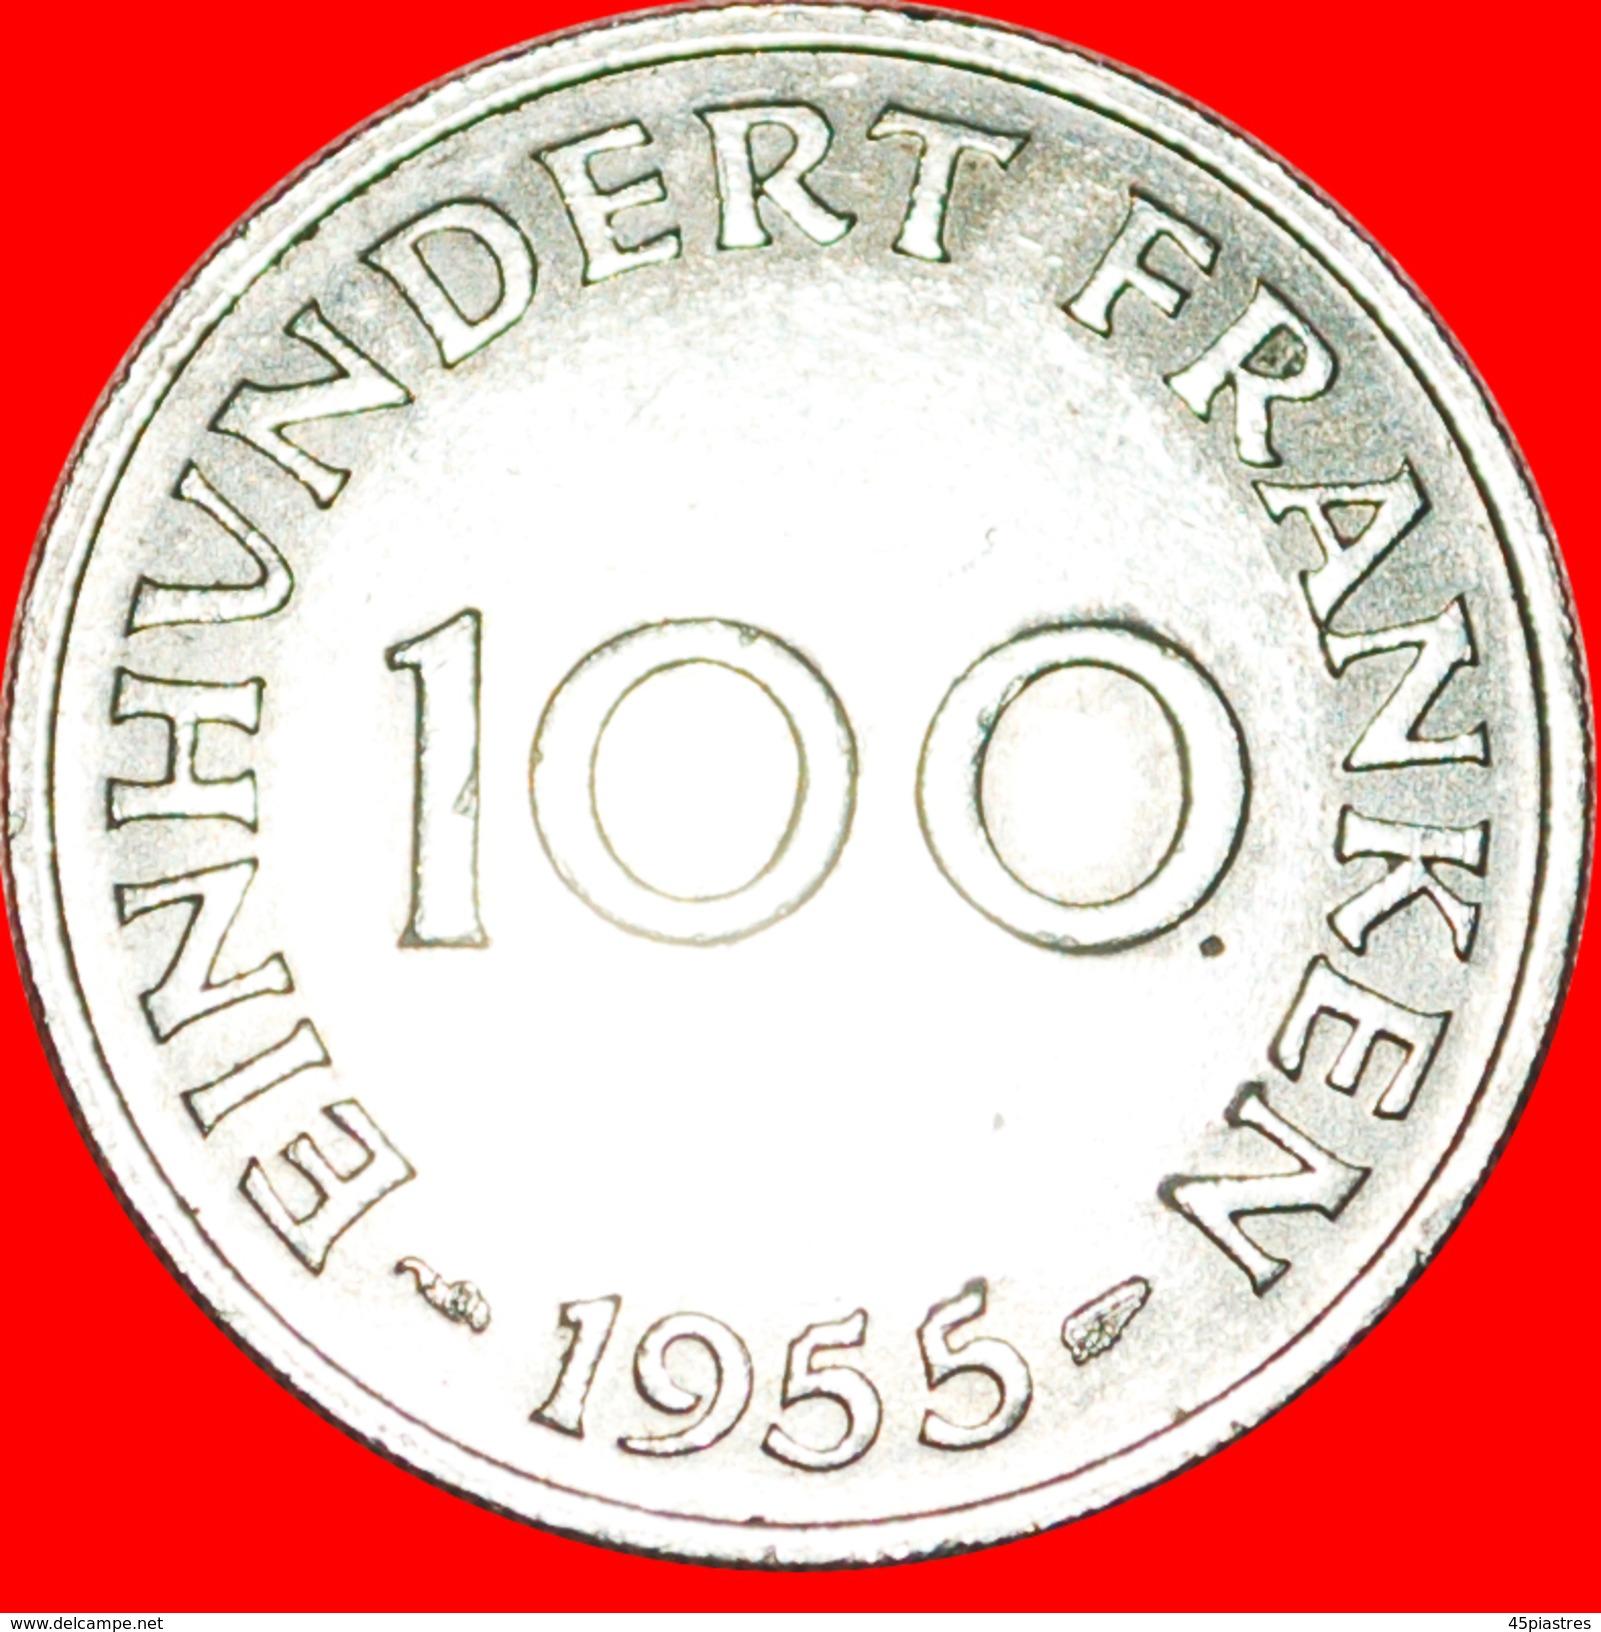 § FRANCE: SAAR ★ 100 FRANCS 1955! LOW START★ NO RESERVE! - Sarre